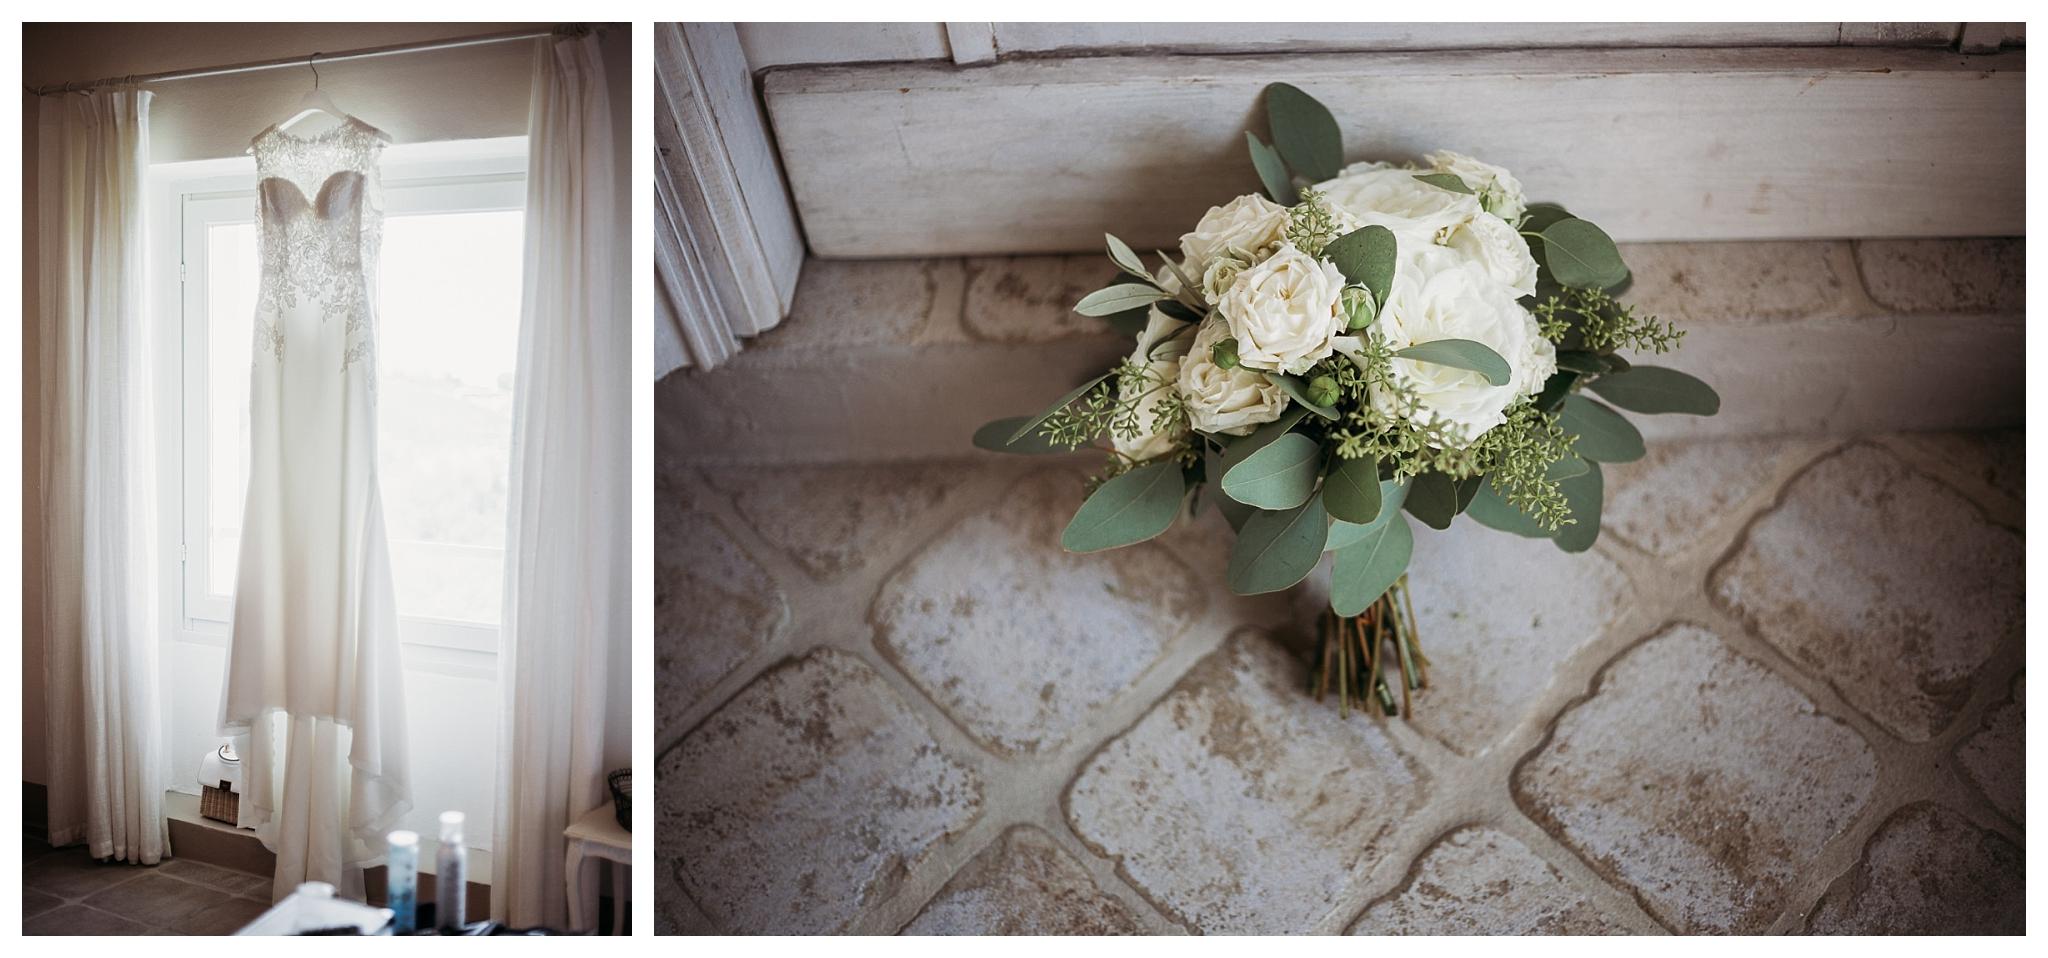 White embroidered wedding gown adn white flowers bouquet at La Villa Hotel Mombaruzzo